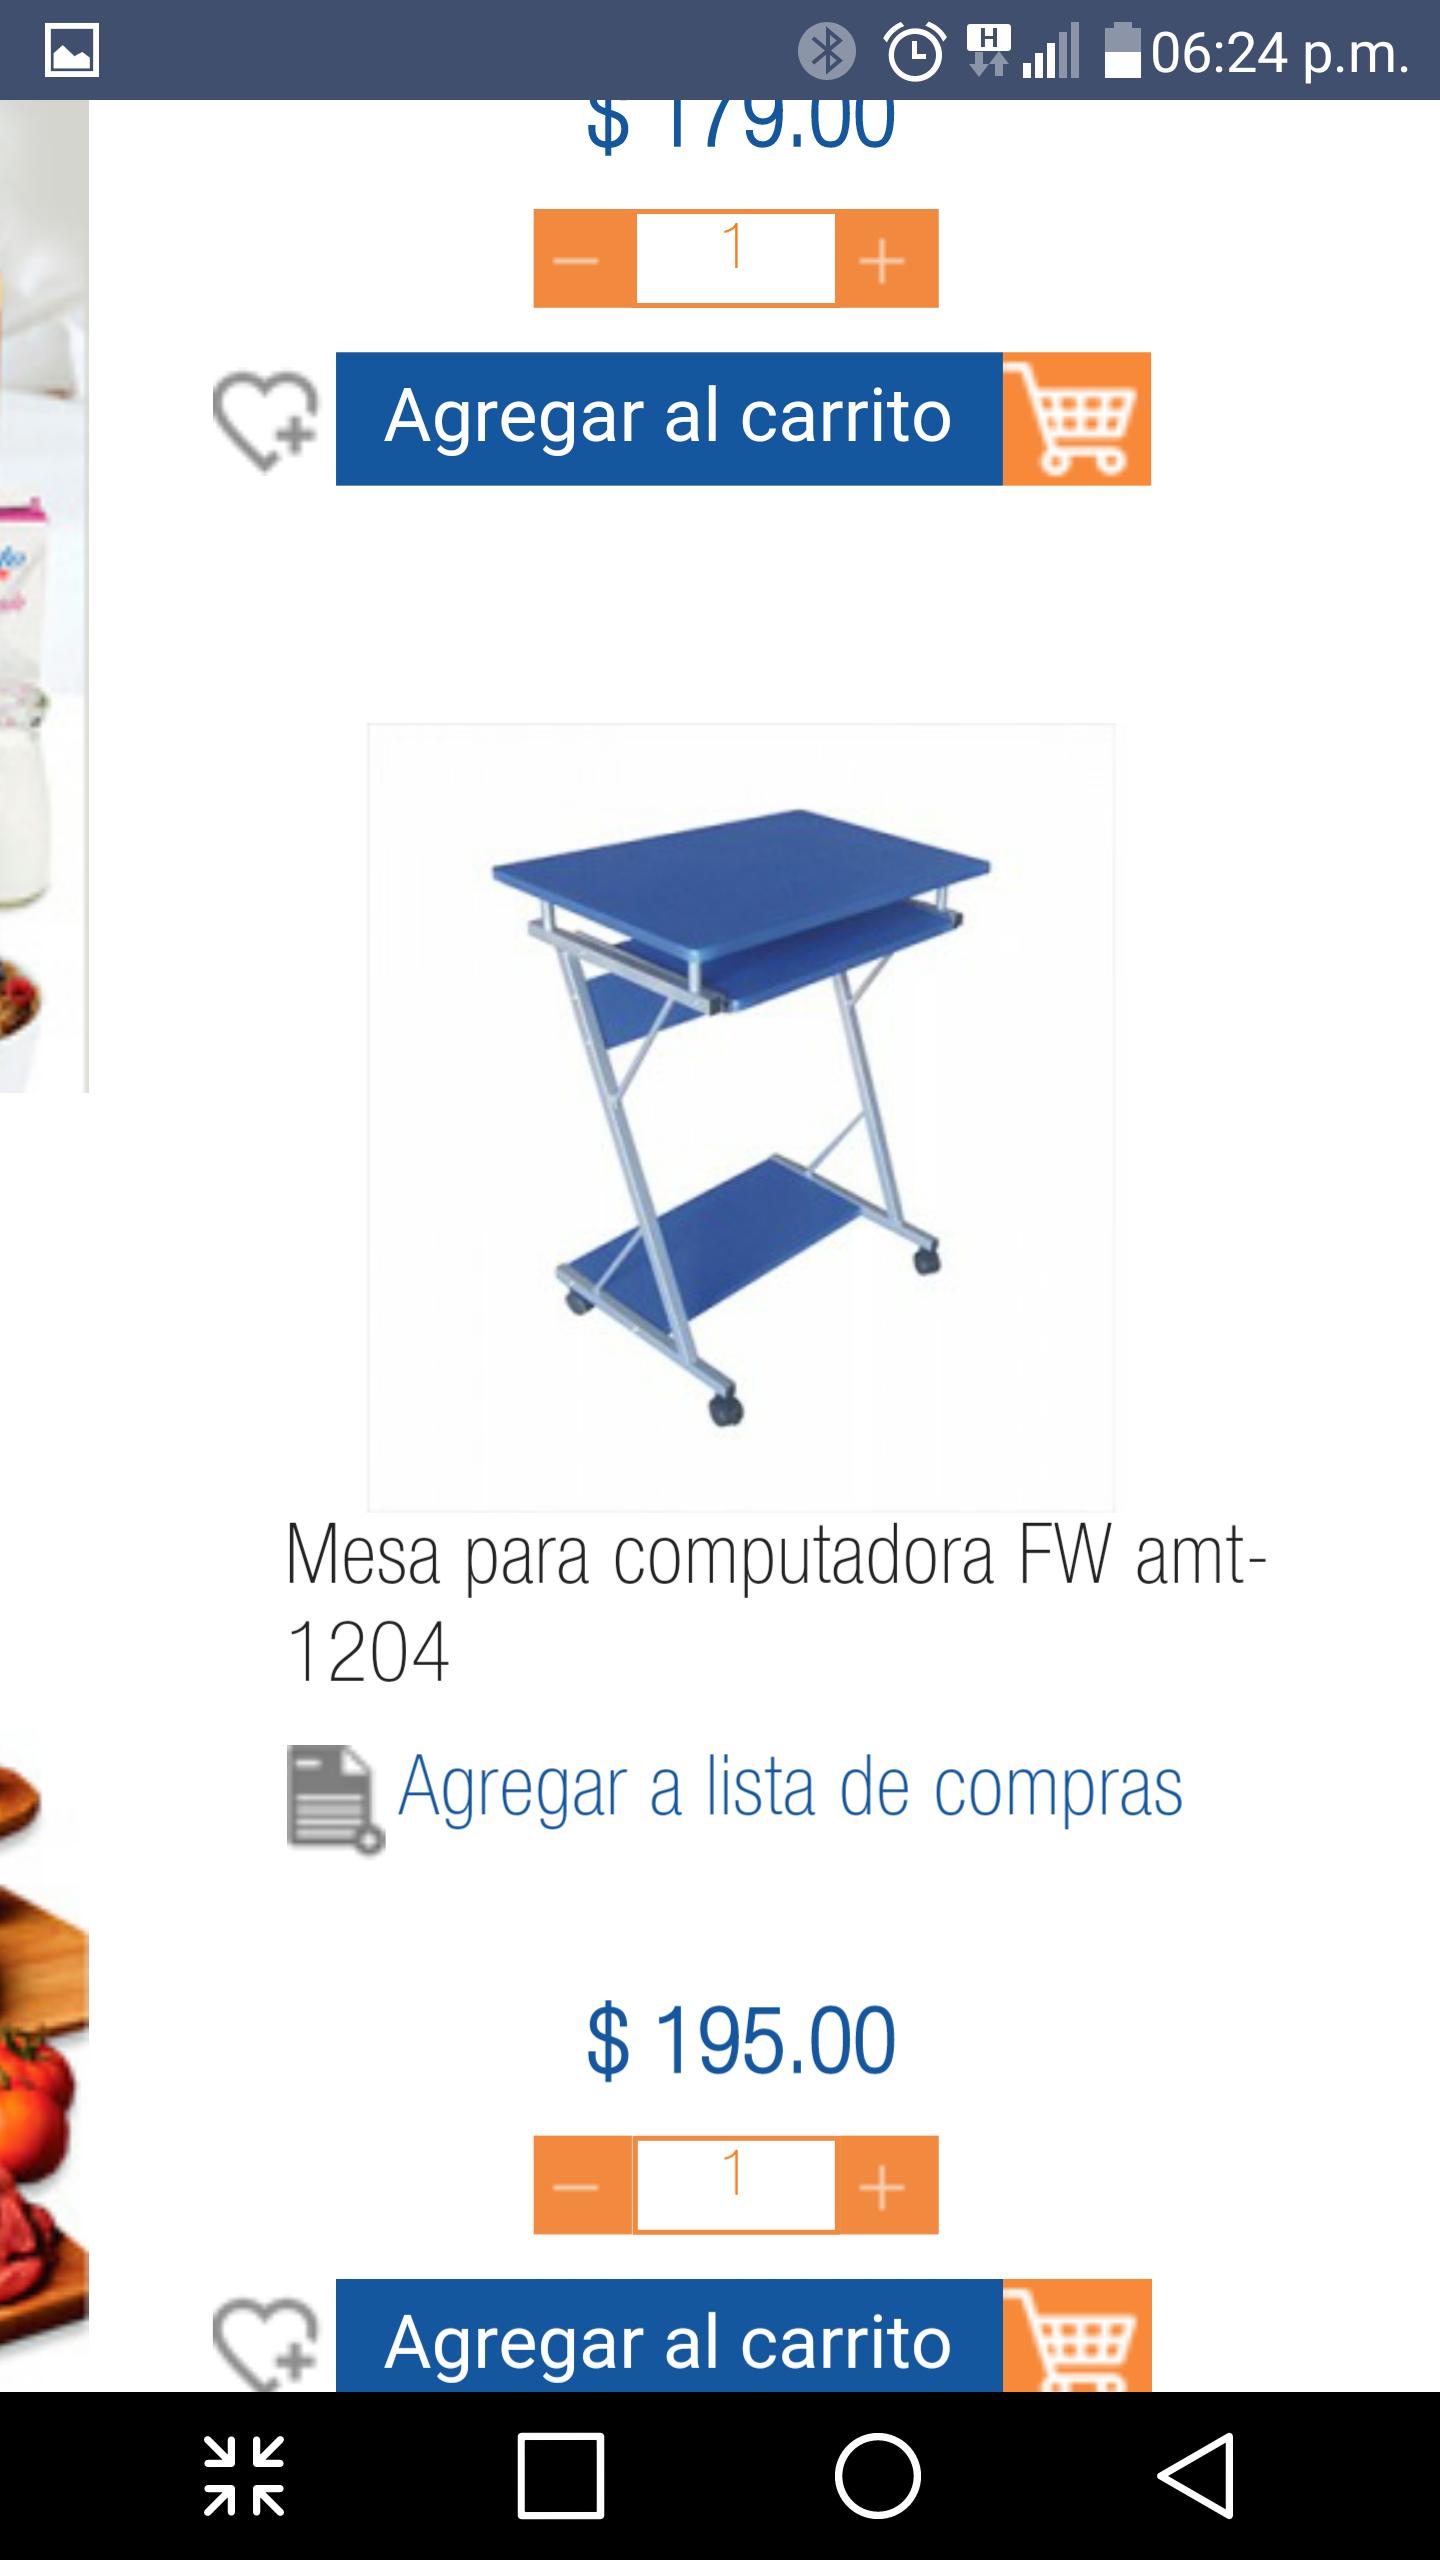 Chedraui Eduardo Molina: mesa para computadora a $195